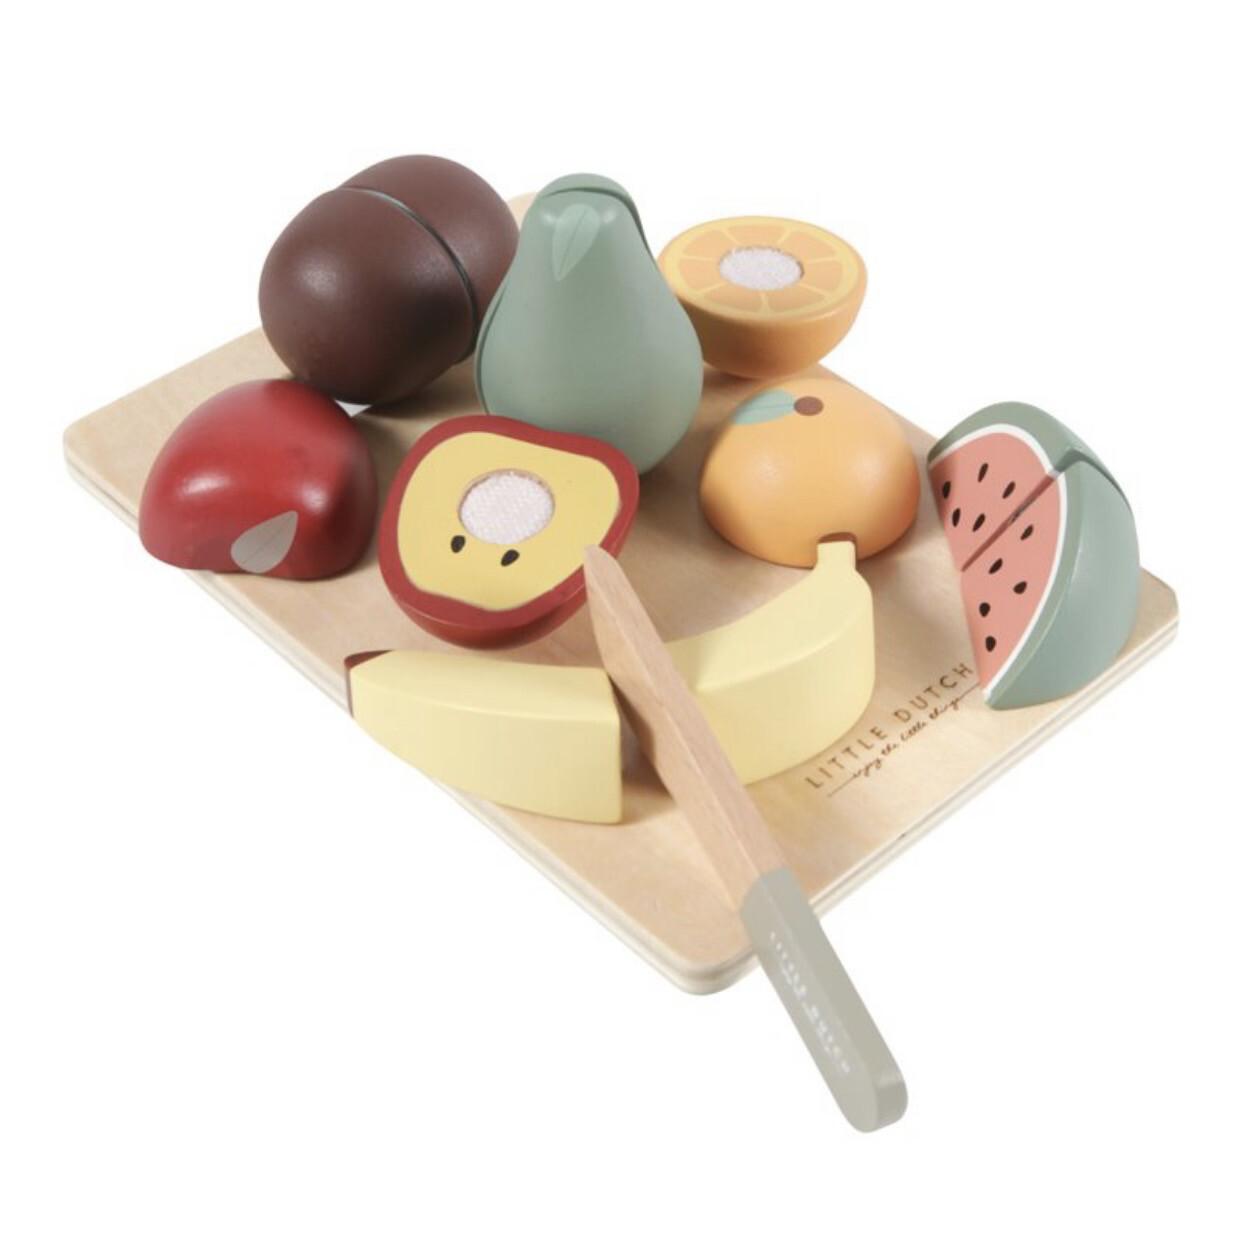 Holz Obst oder Gemüse zum Schneiden Little Dutch